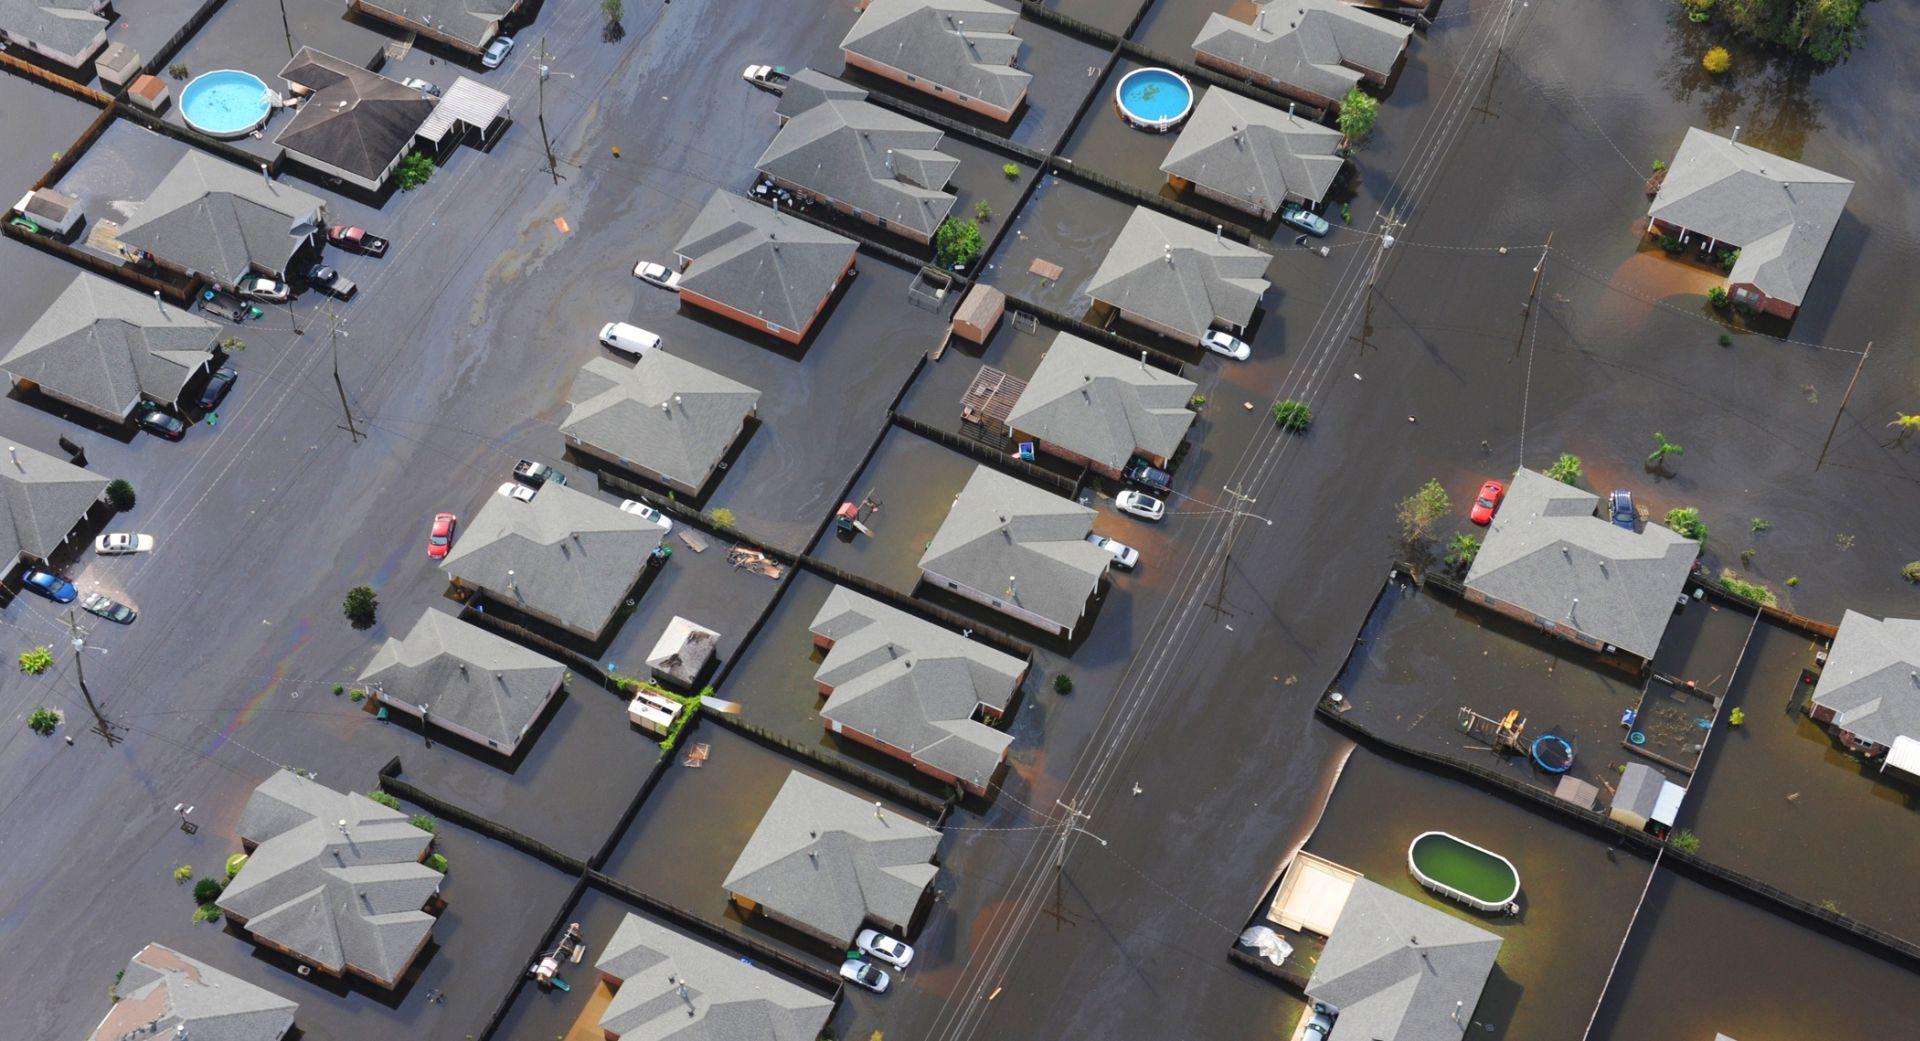 POPLAVE U AMERICI Najmanje 23 osobe izgubile život, spašavanje i dalje traje